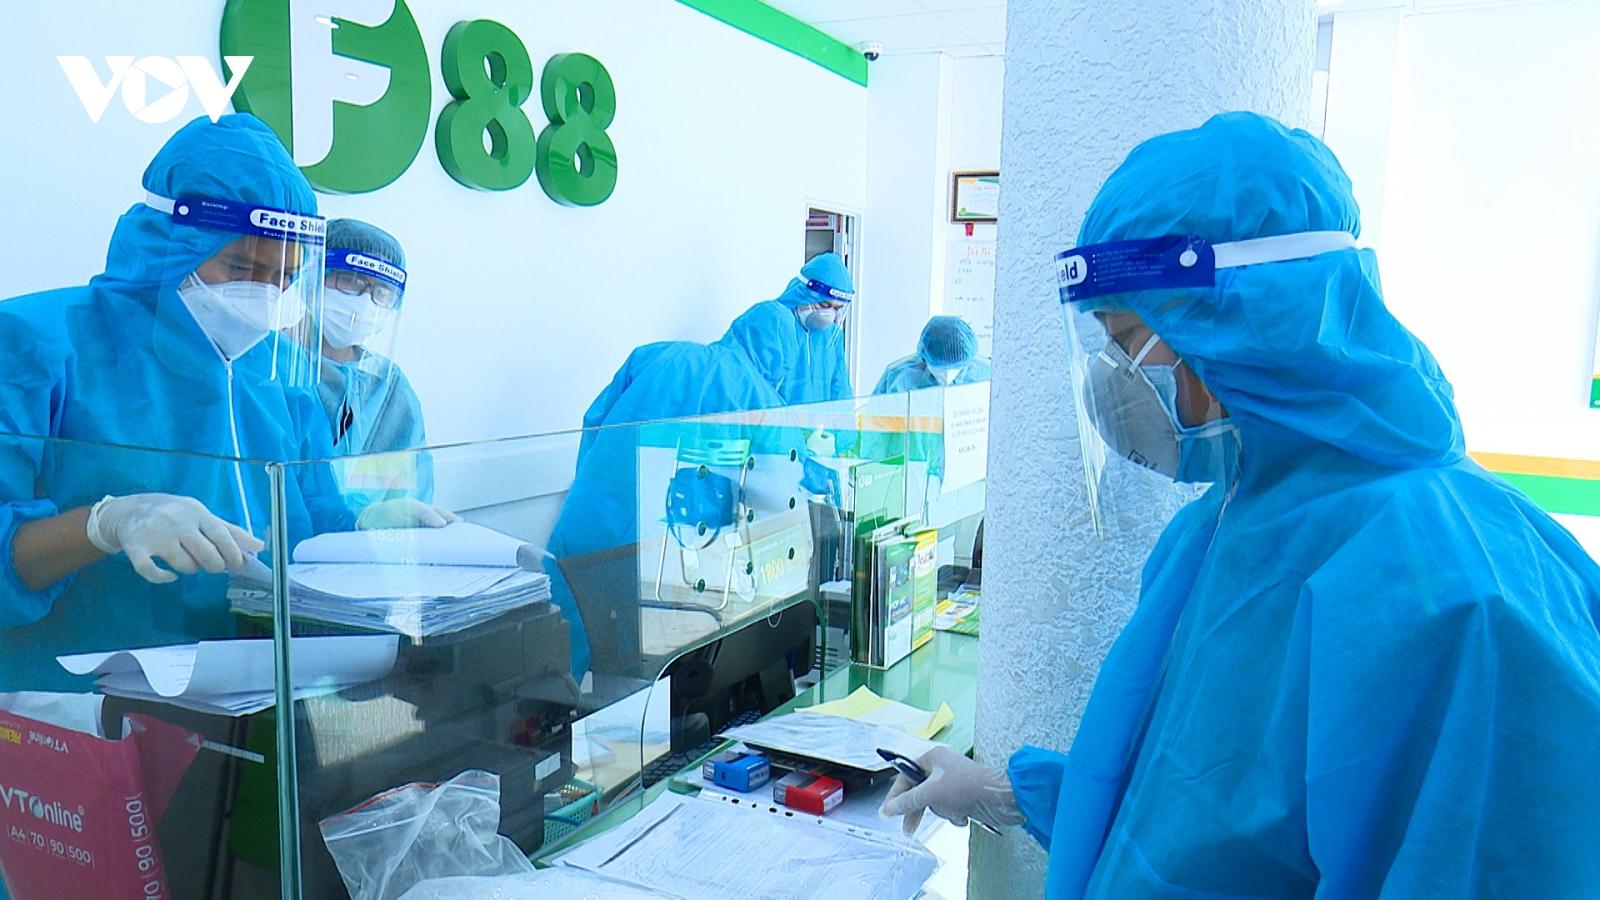 Khám xét chi nhánh Công ty F88 liên quan đến vụ án hình sự làm lây lan dịch Covid-19